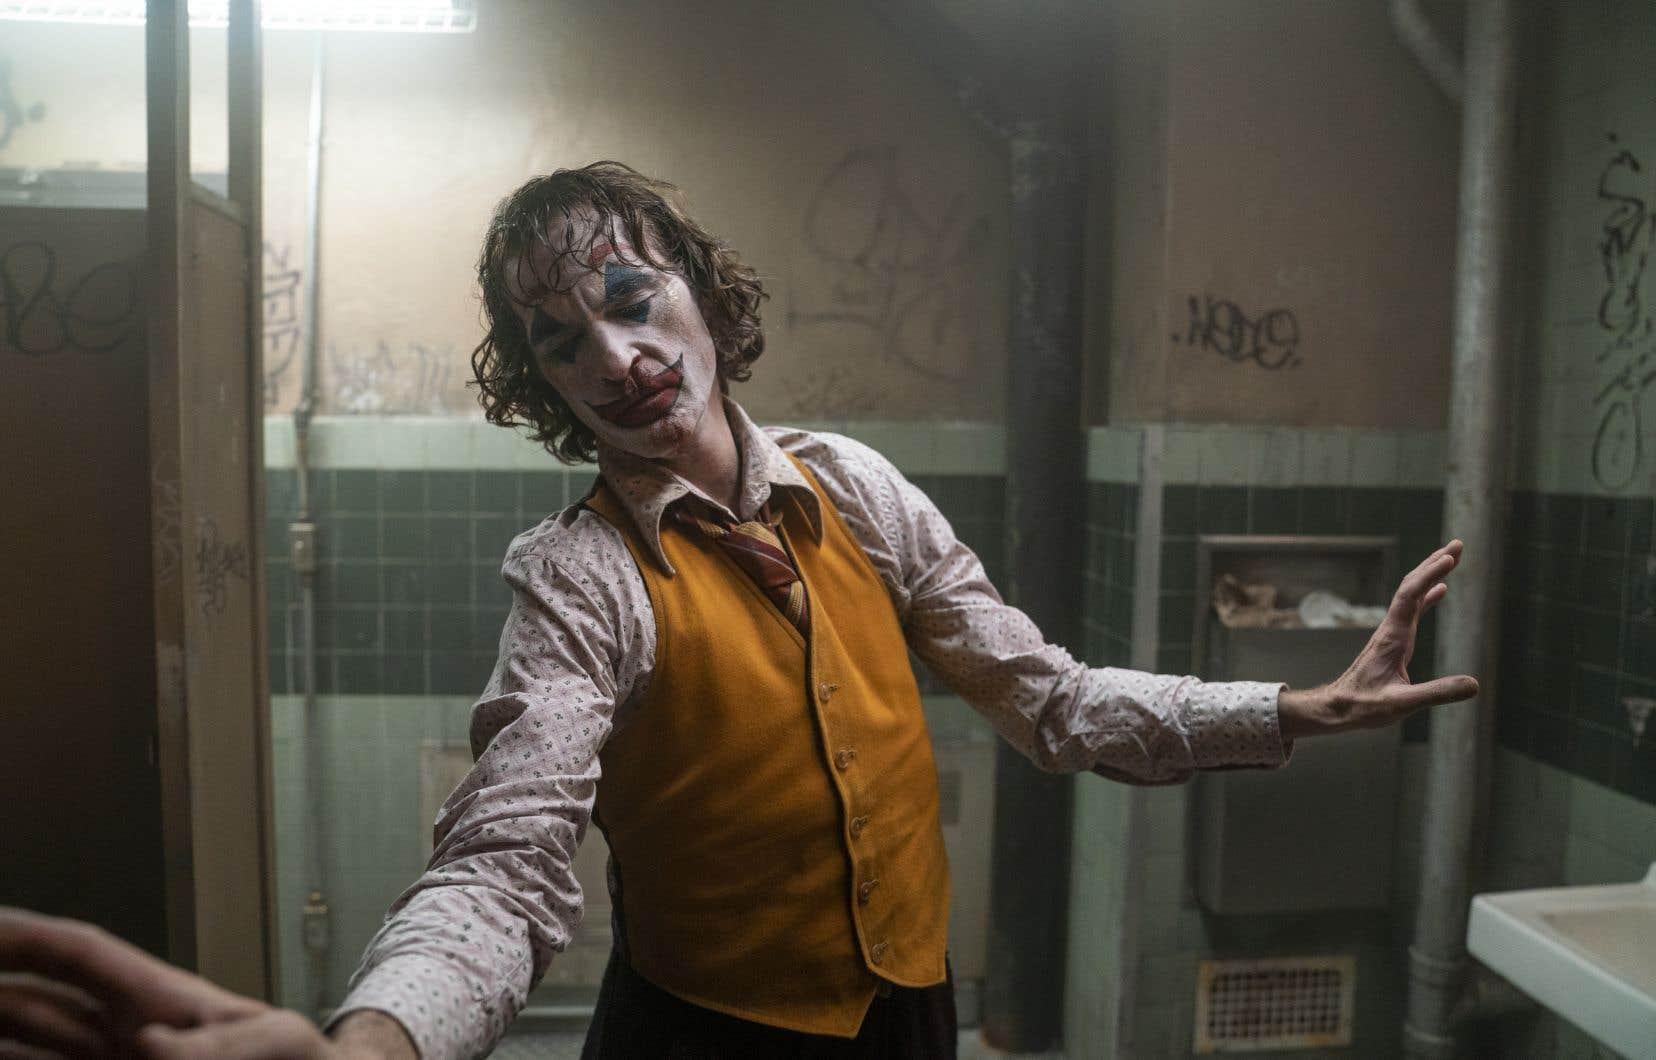 En complète immersion, comme d'habitude, Joaquin Phoenix constitue la raison majeure de voir le film. Sa prestation est brillante, l'acteur exhibant un corps longiligne disloqué, une fragilité trompeuse, ses yeux constamment voilés d'ombre, abîmes insondables…